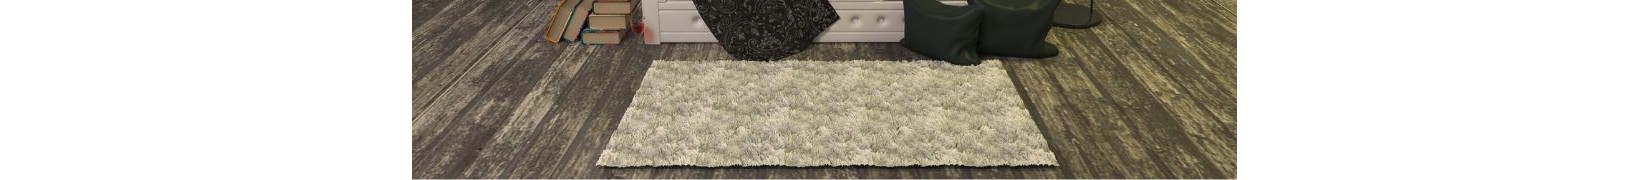 Dywany pokojowe prostokątne. Nowoczesne, młodzieżowe wzory - sklep Śliczne Dywany